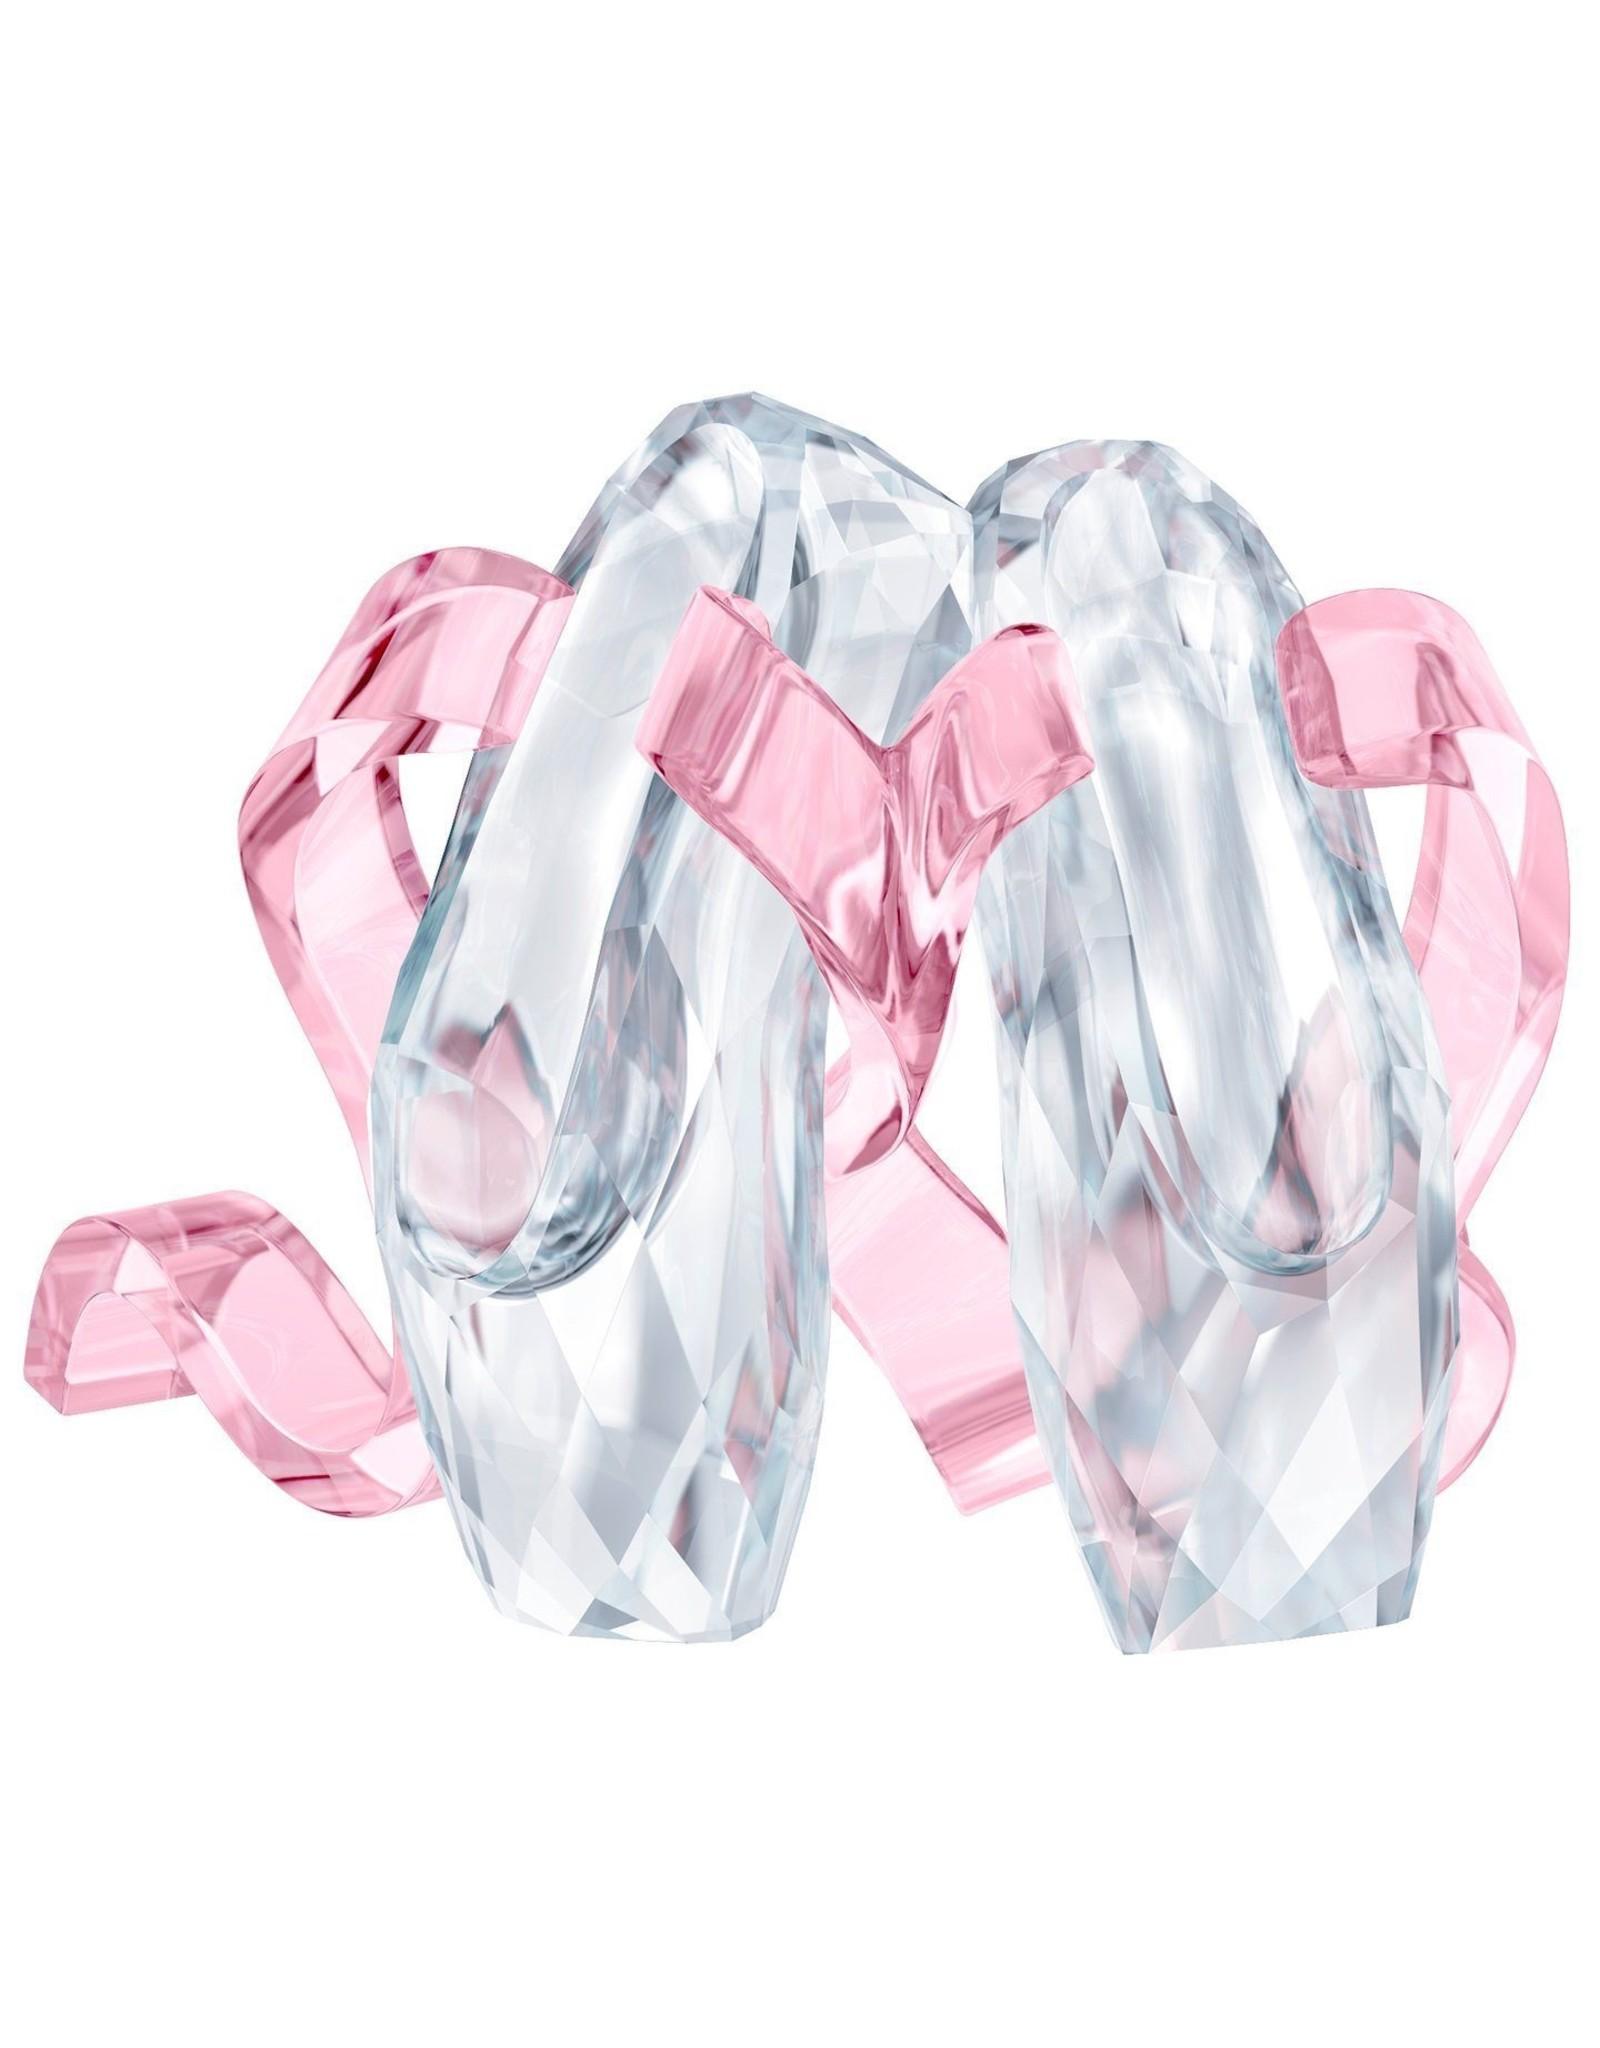 Swarovski Swarovski Crystal Ballet Shoes